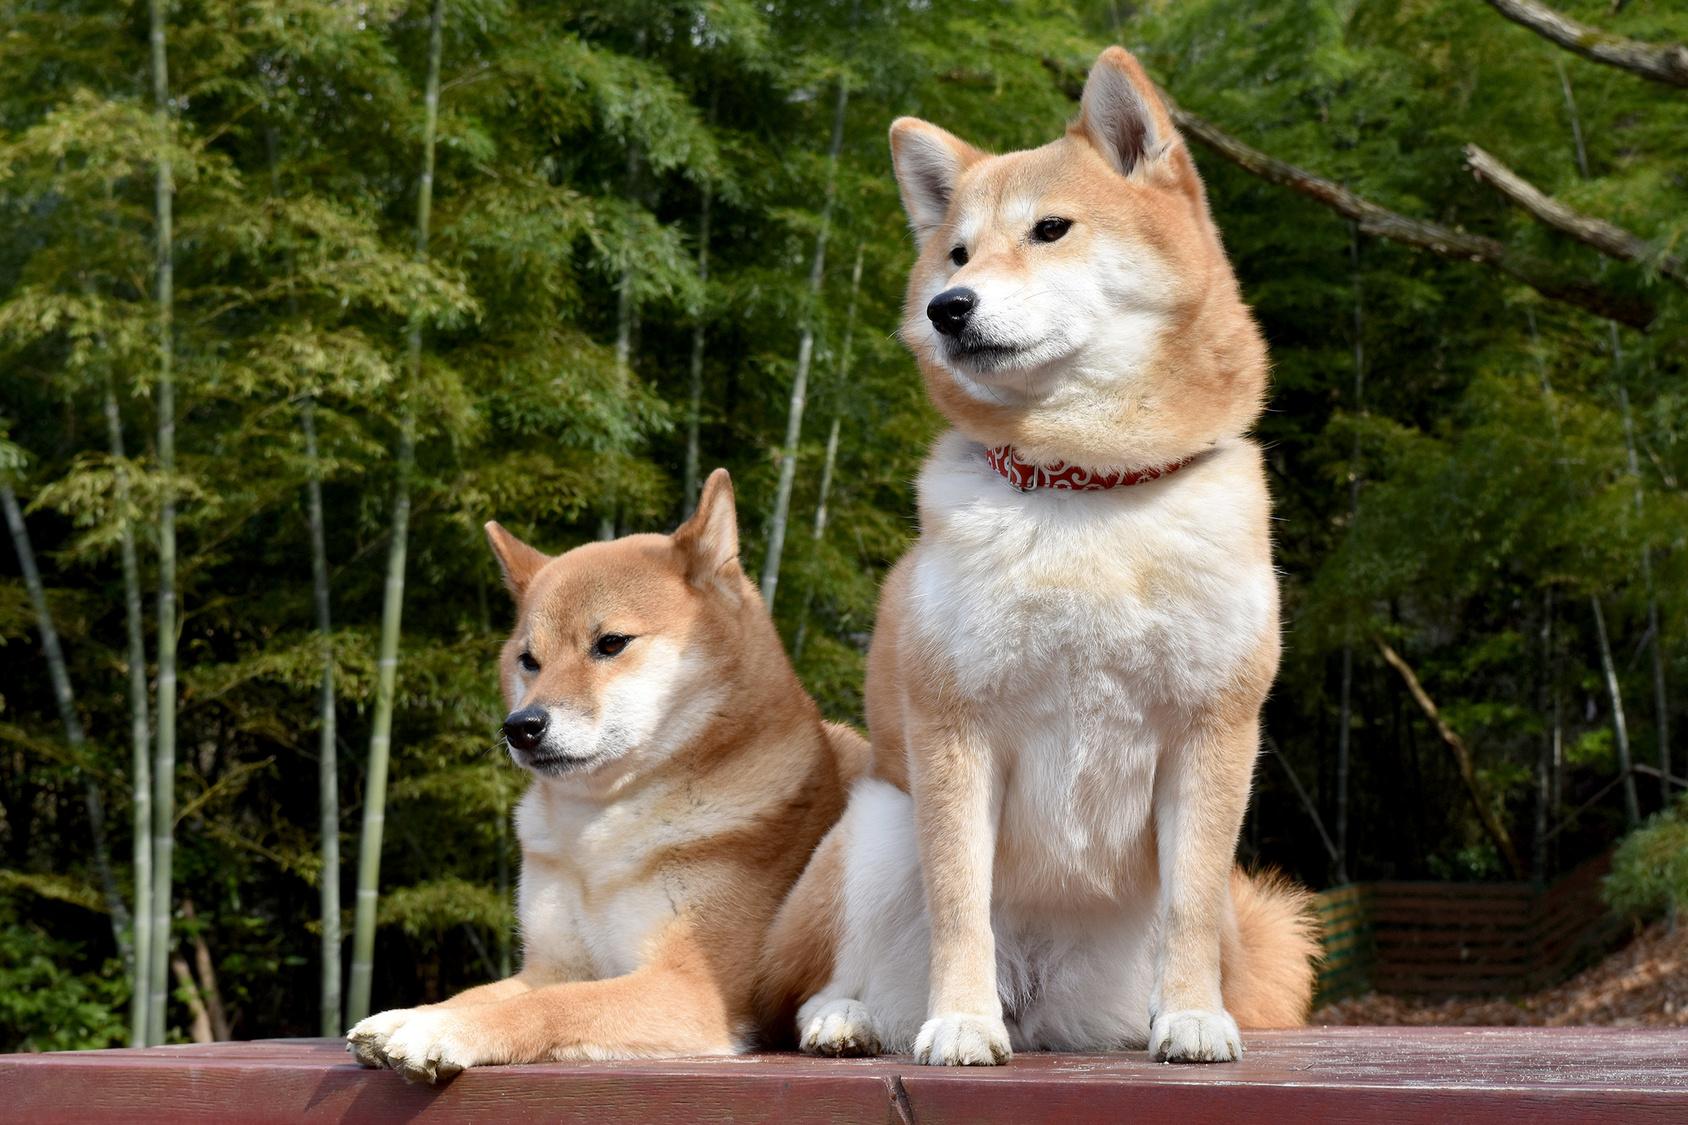 日本犬はなぜ飼いにくく、しつけが難しいと言われるの?